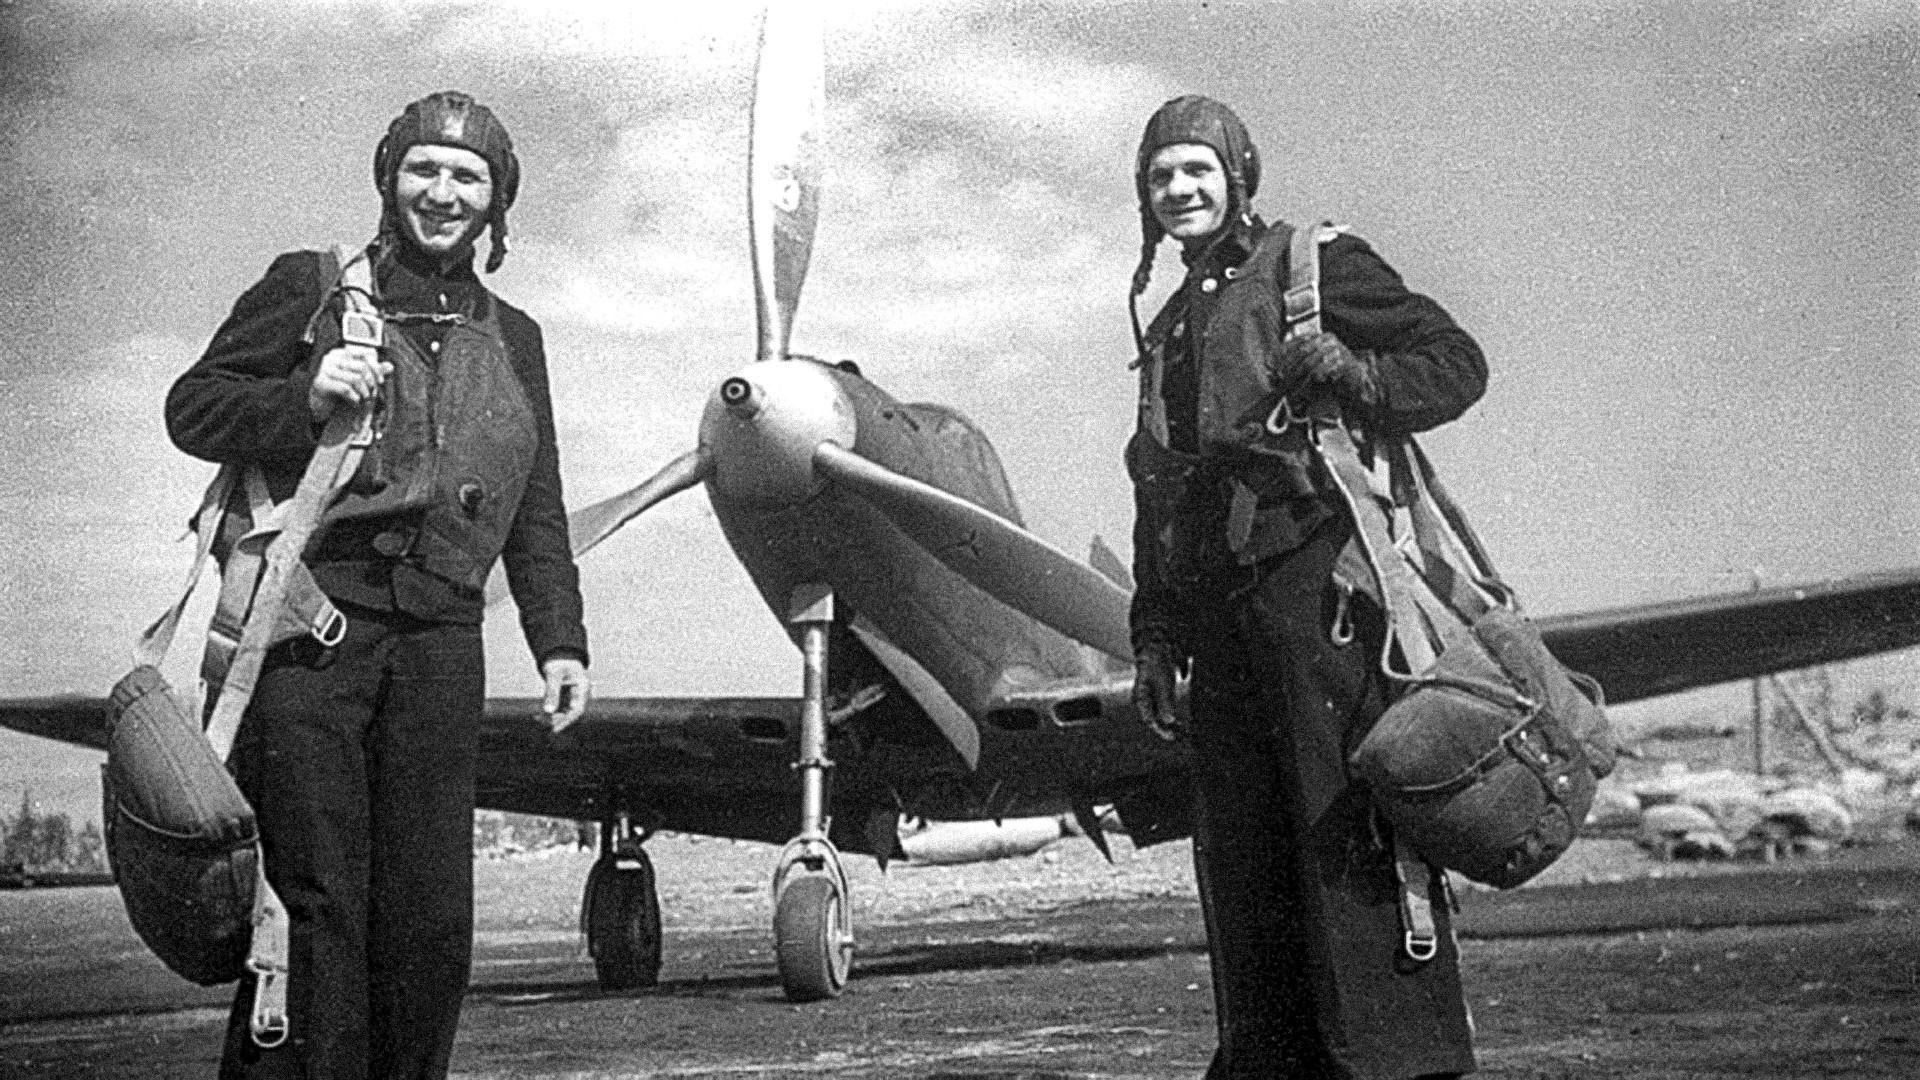 Летци от 2-ри Гвардейски истребителен авиаполк на ВВС на Северния флот Иван Грудаков (ляво) и Николай Диденко в самолет Р-39 (Bell P-39 Airacobra).